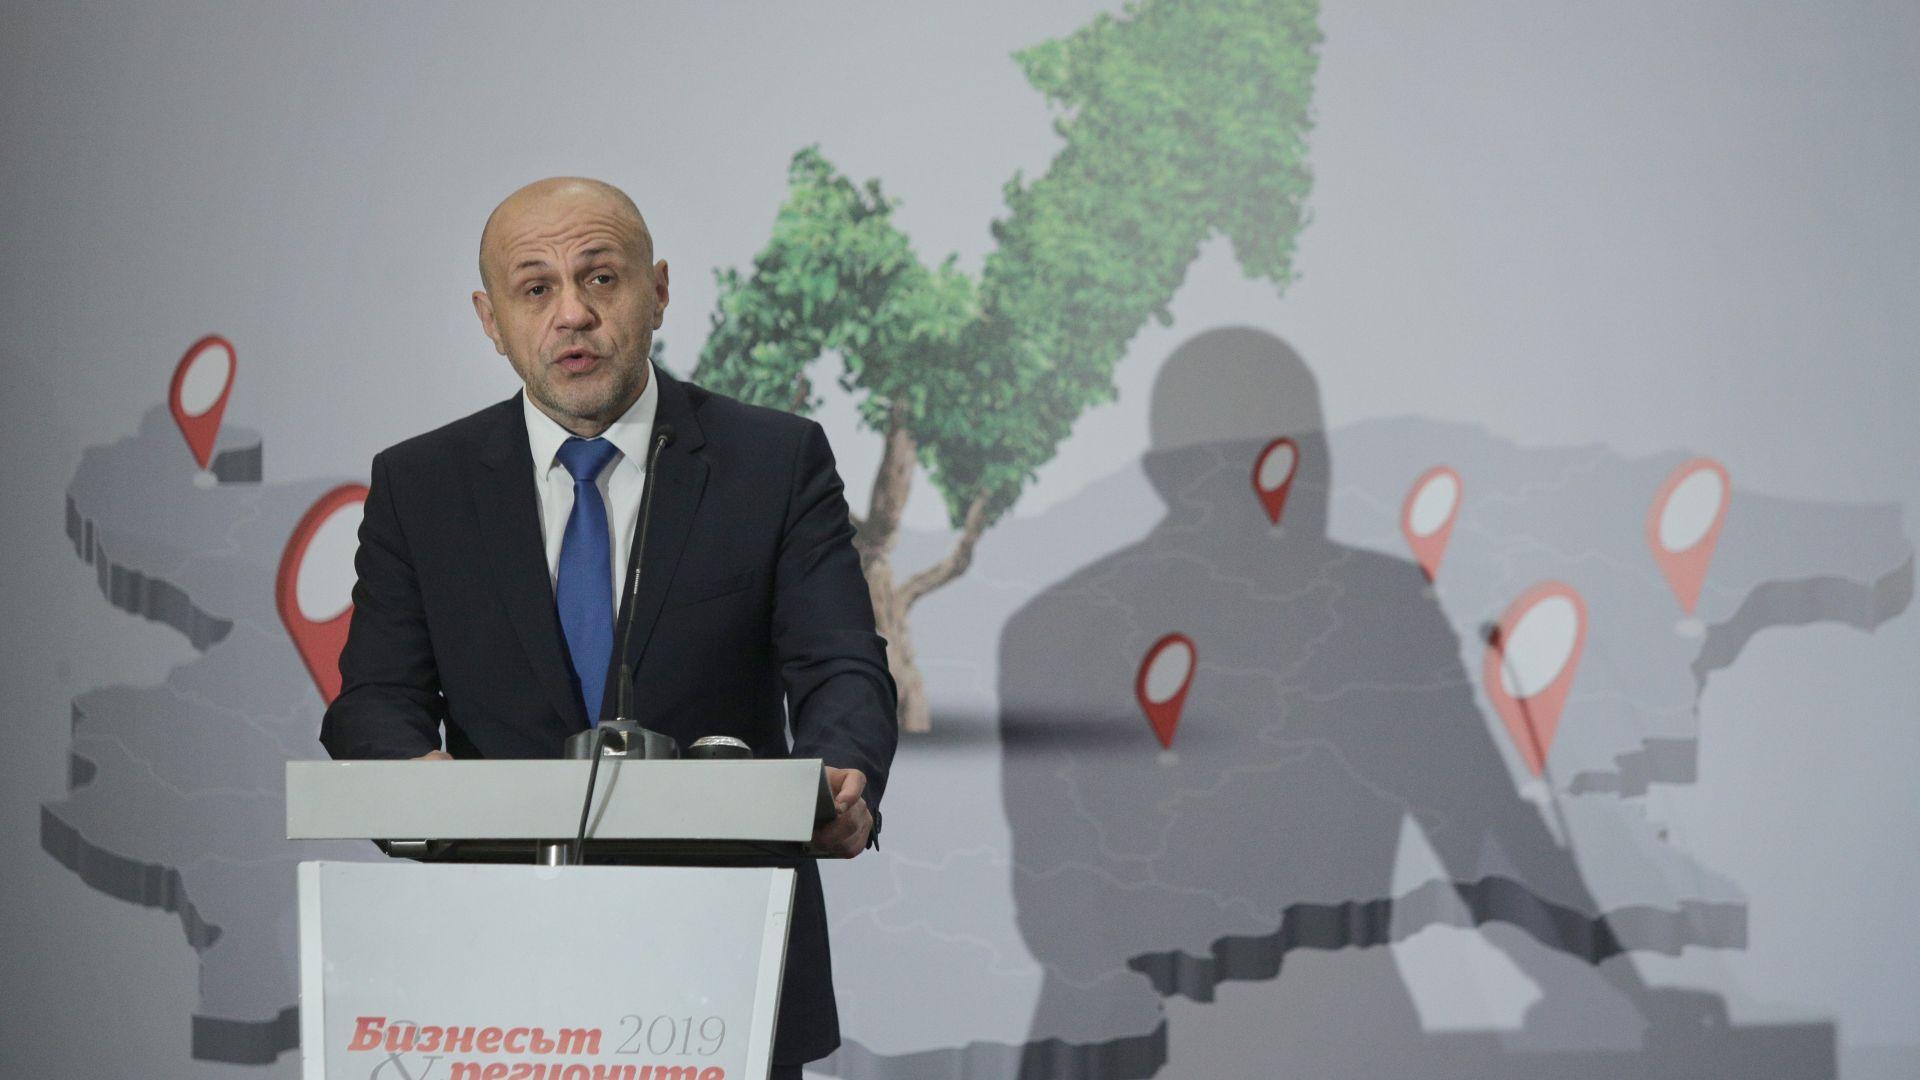 Дончев: Наливането на пари в слаборазвитите региони няма да реши проблемите